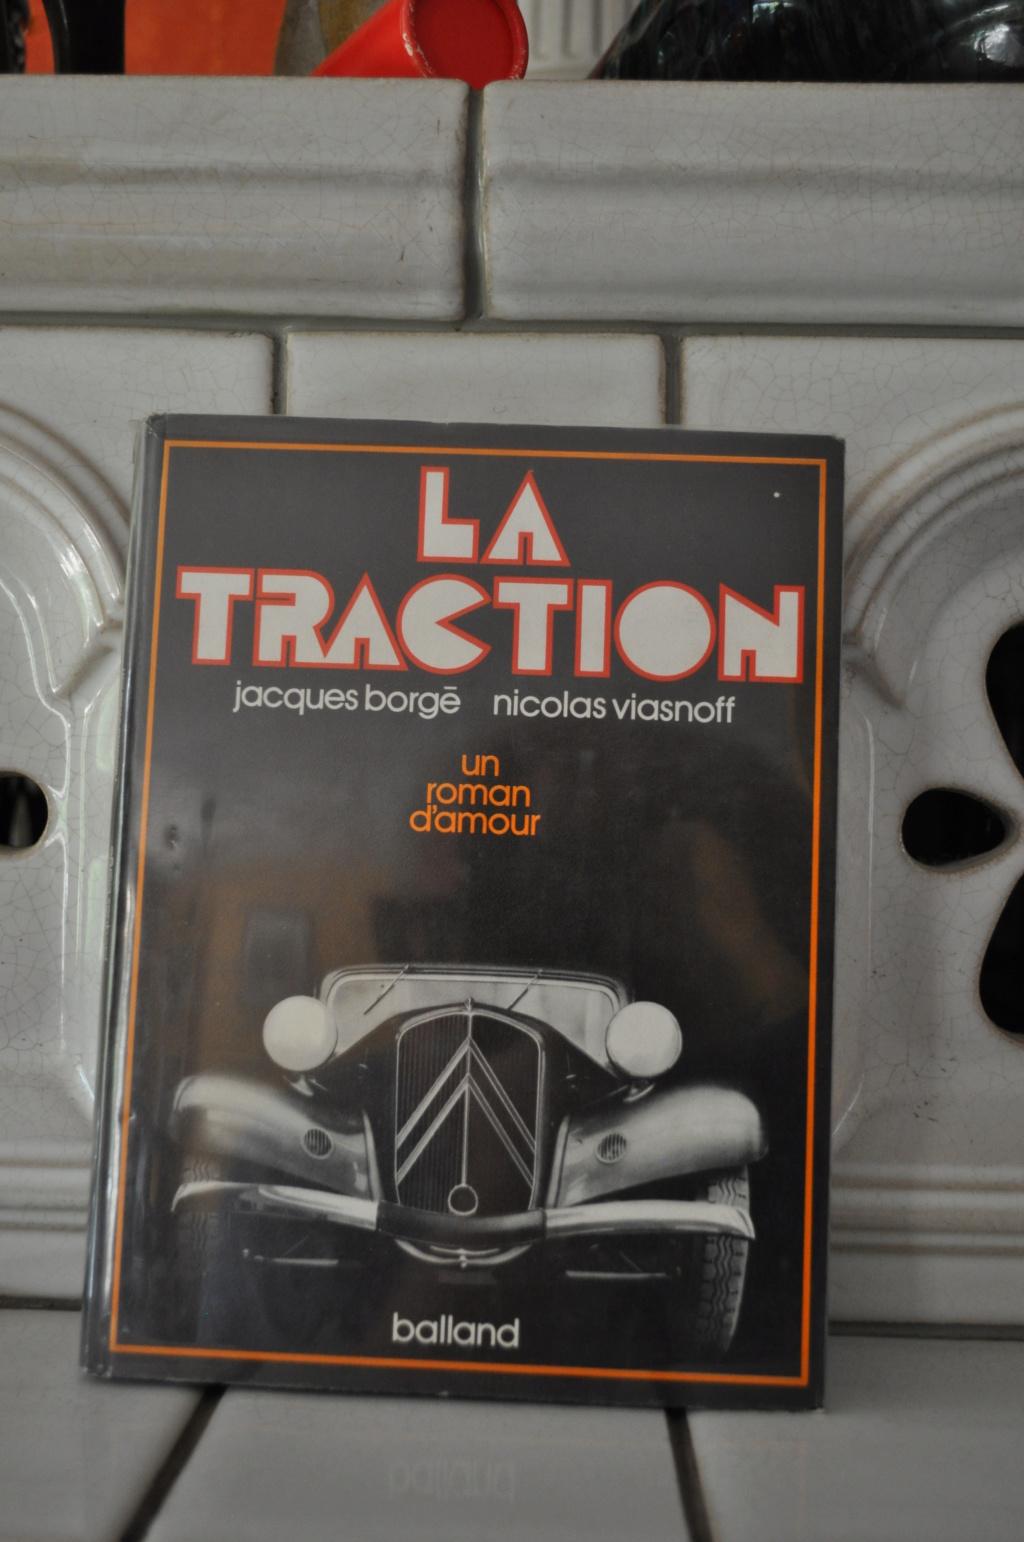 Livres sur les Traction Dsc_0749